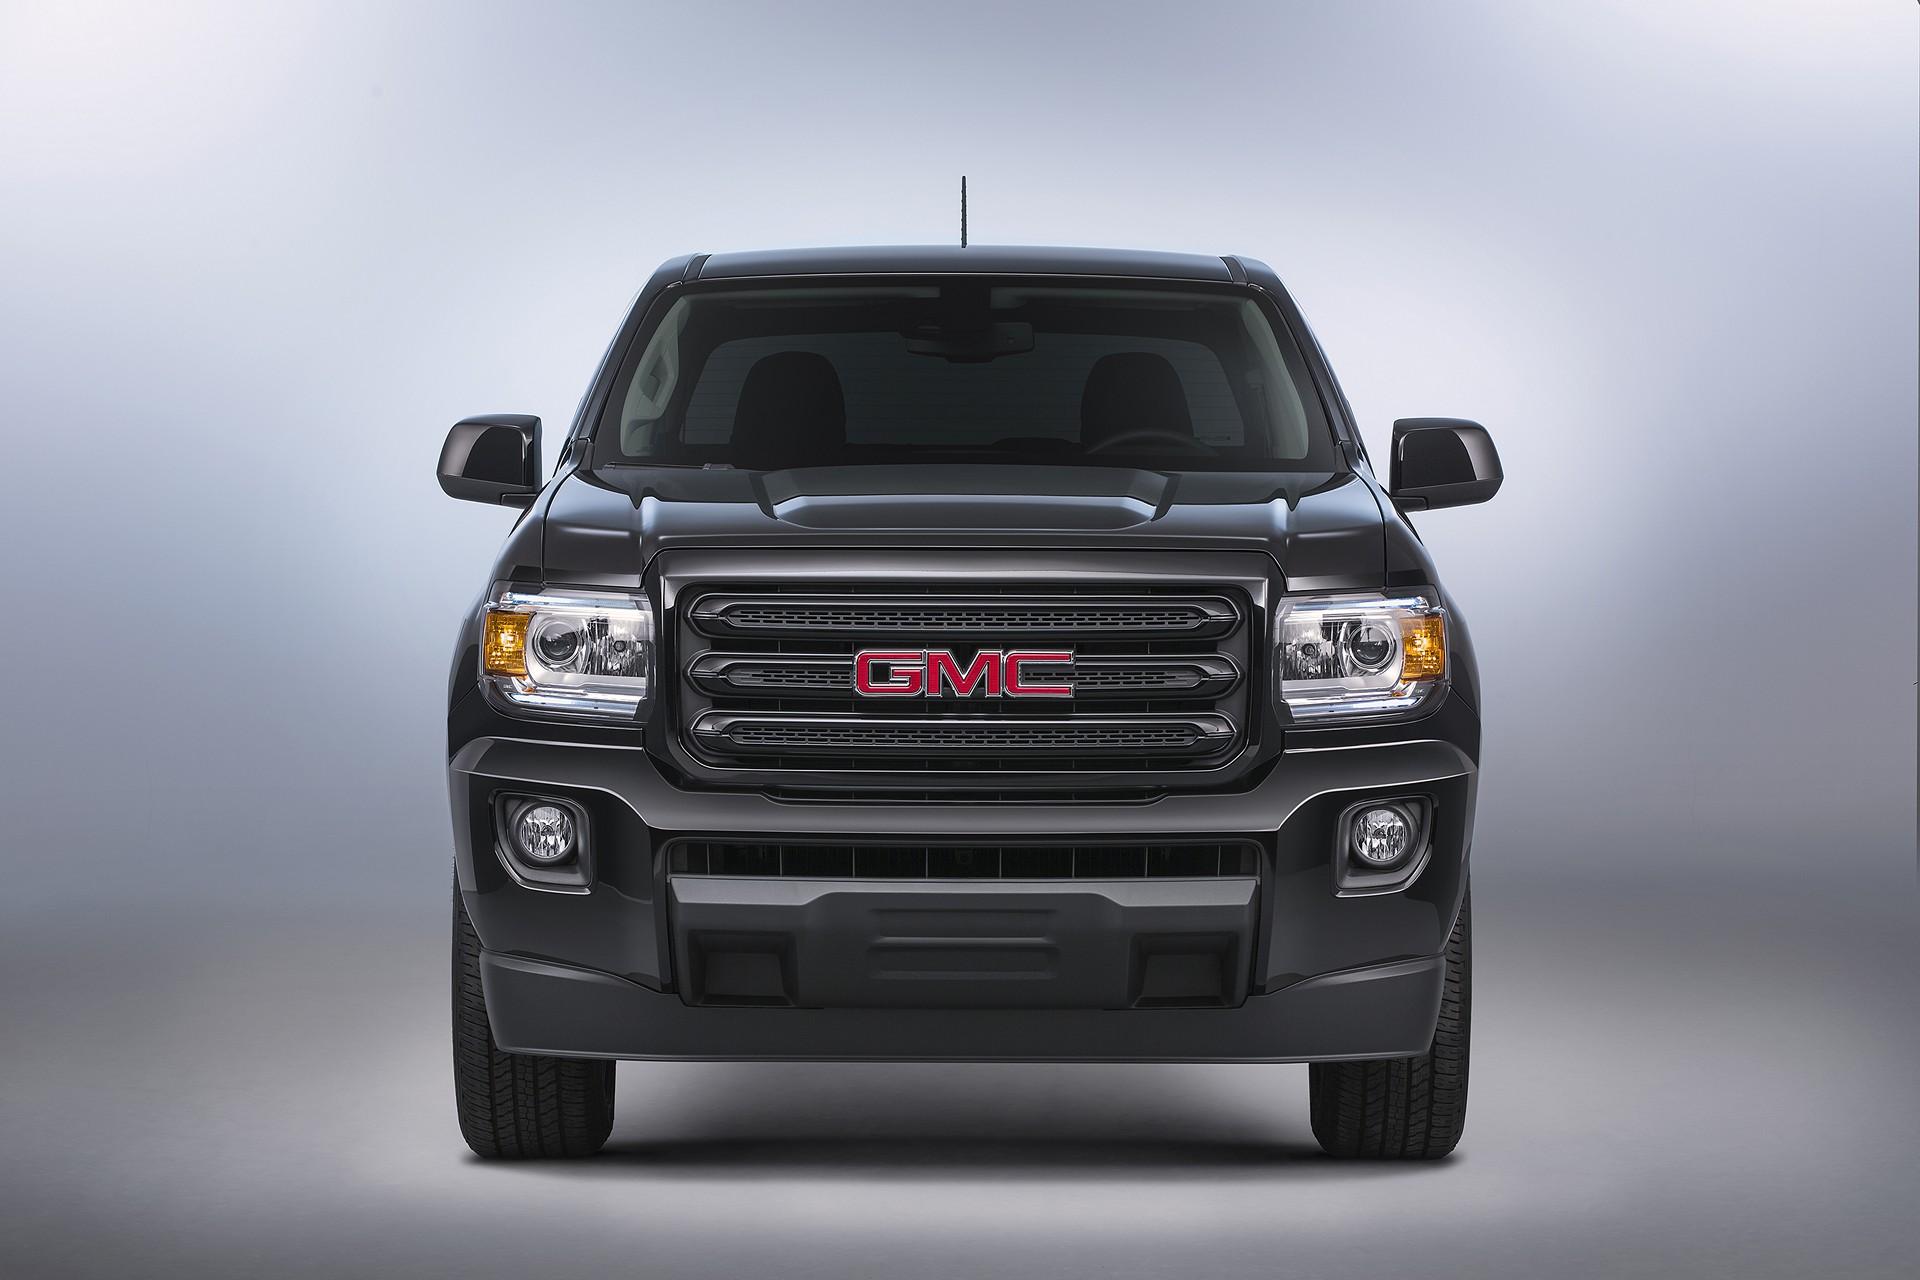 2016 GMC Canyon Review - Carrrs Auto Portal